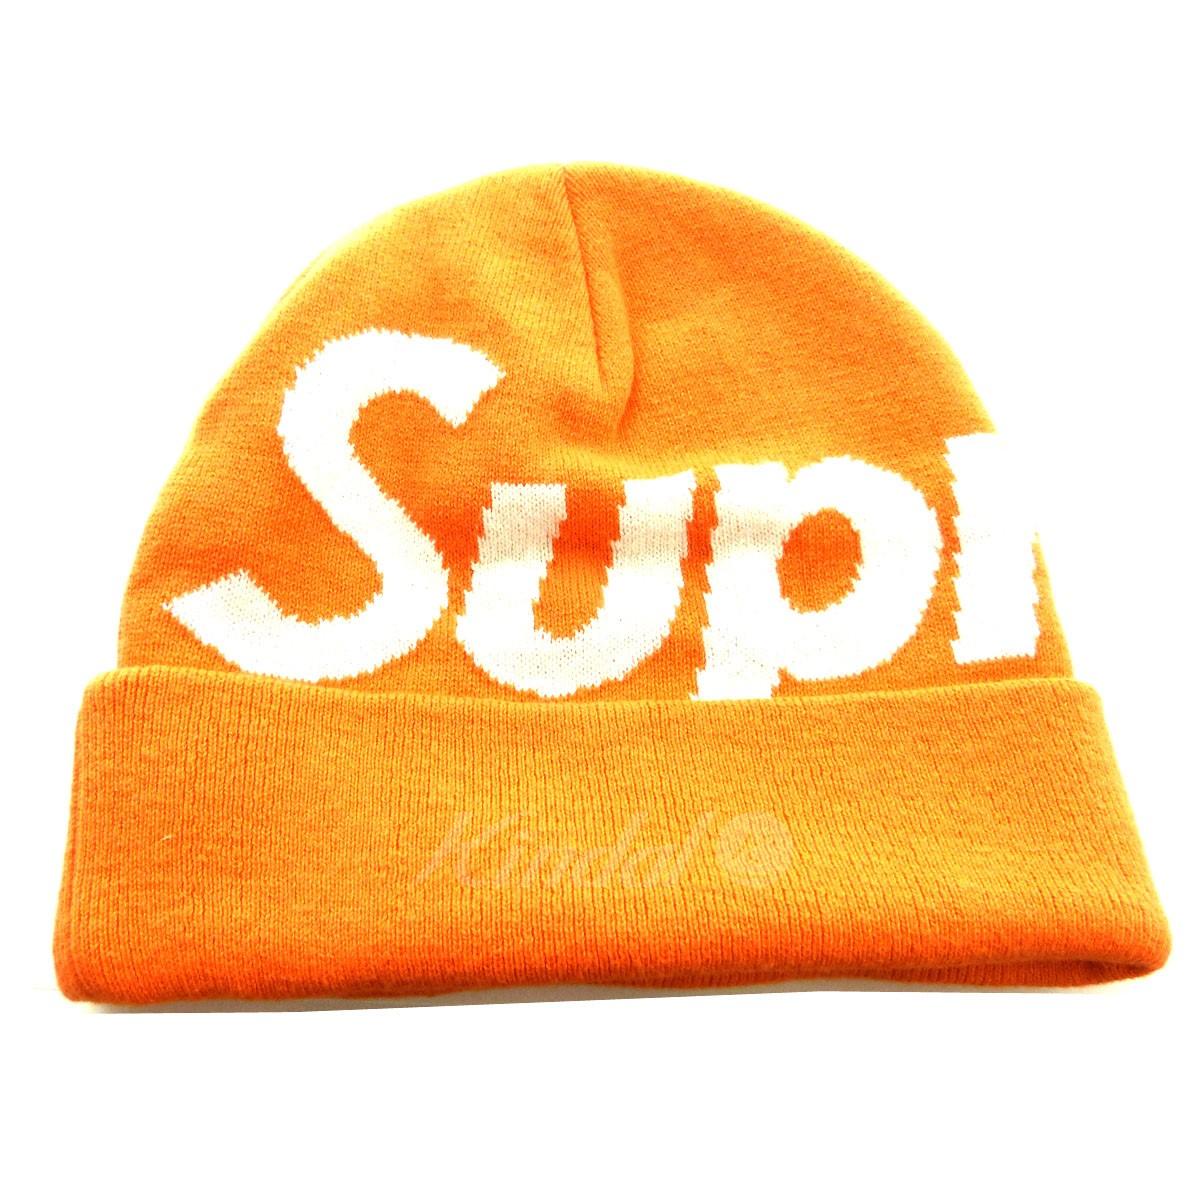 【中古】SUPREME 「Big Logo Beanie」ビッグロゴビーニーキャップ オレンジ 【送料無料】 【011118】(シュプリーム)